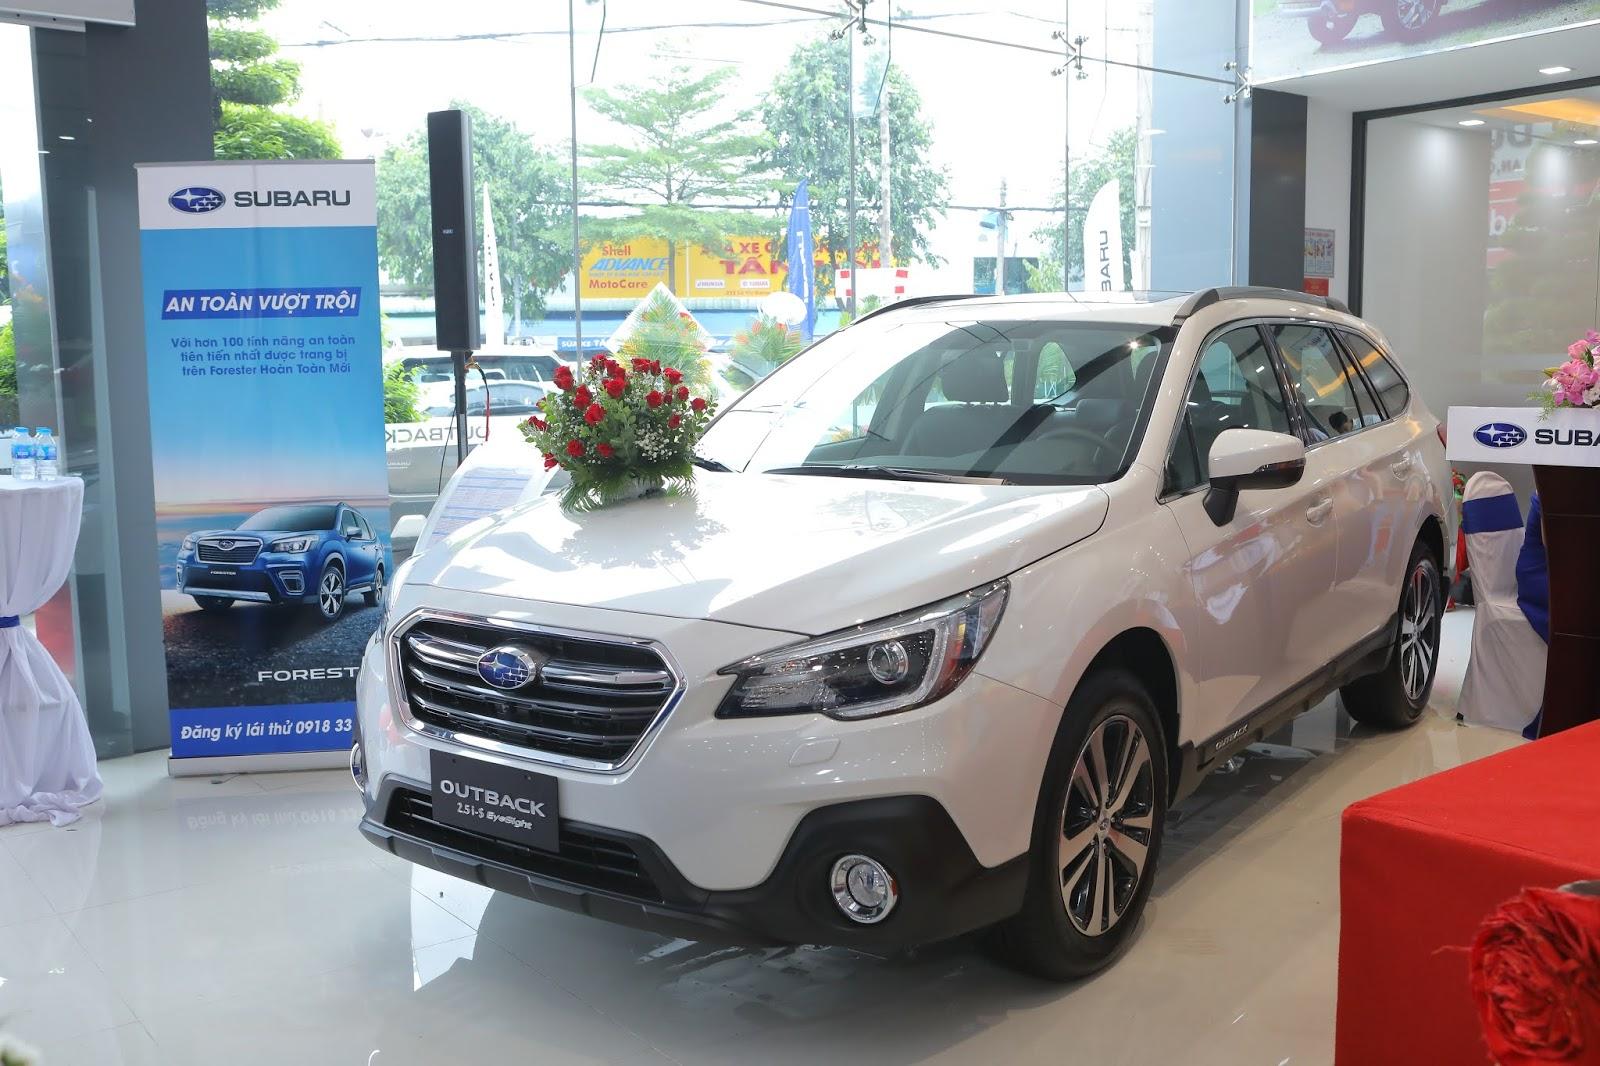 Khai trương đại lý Subaru Gia Định